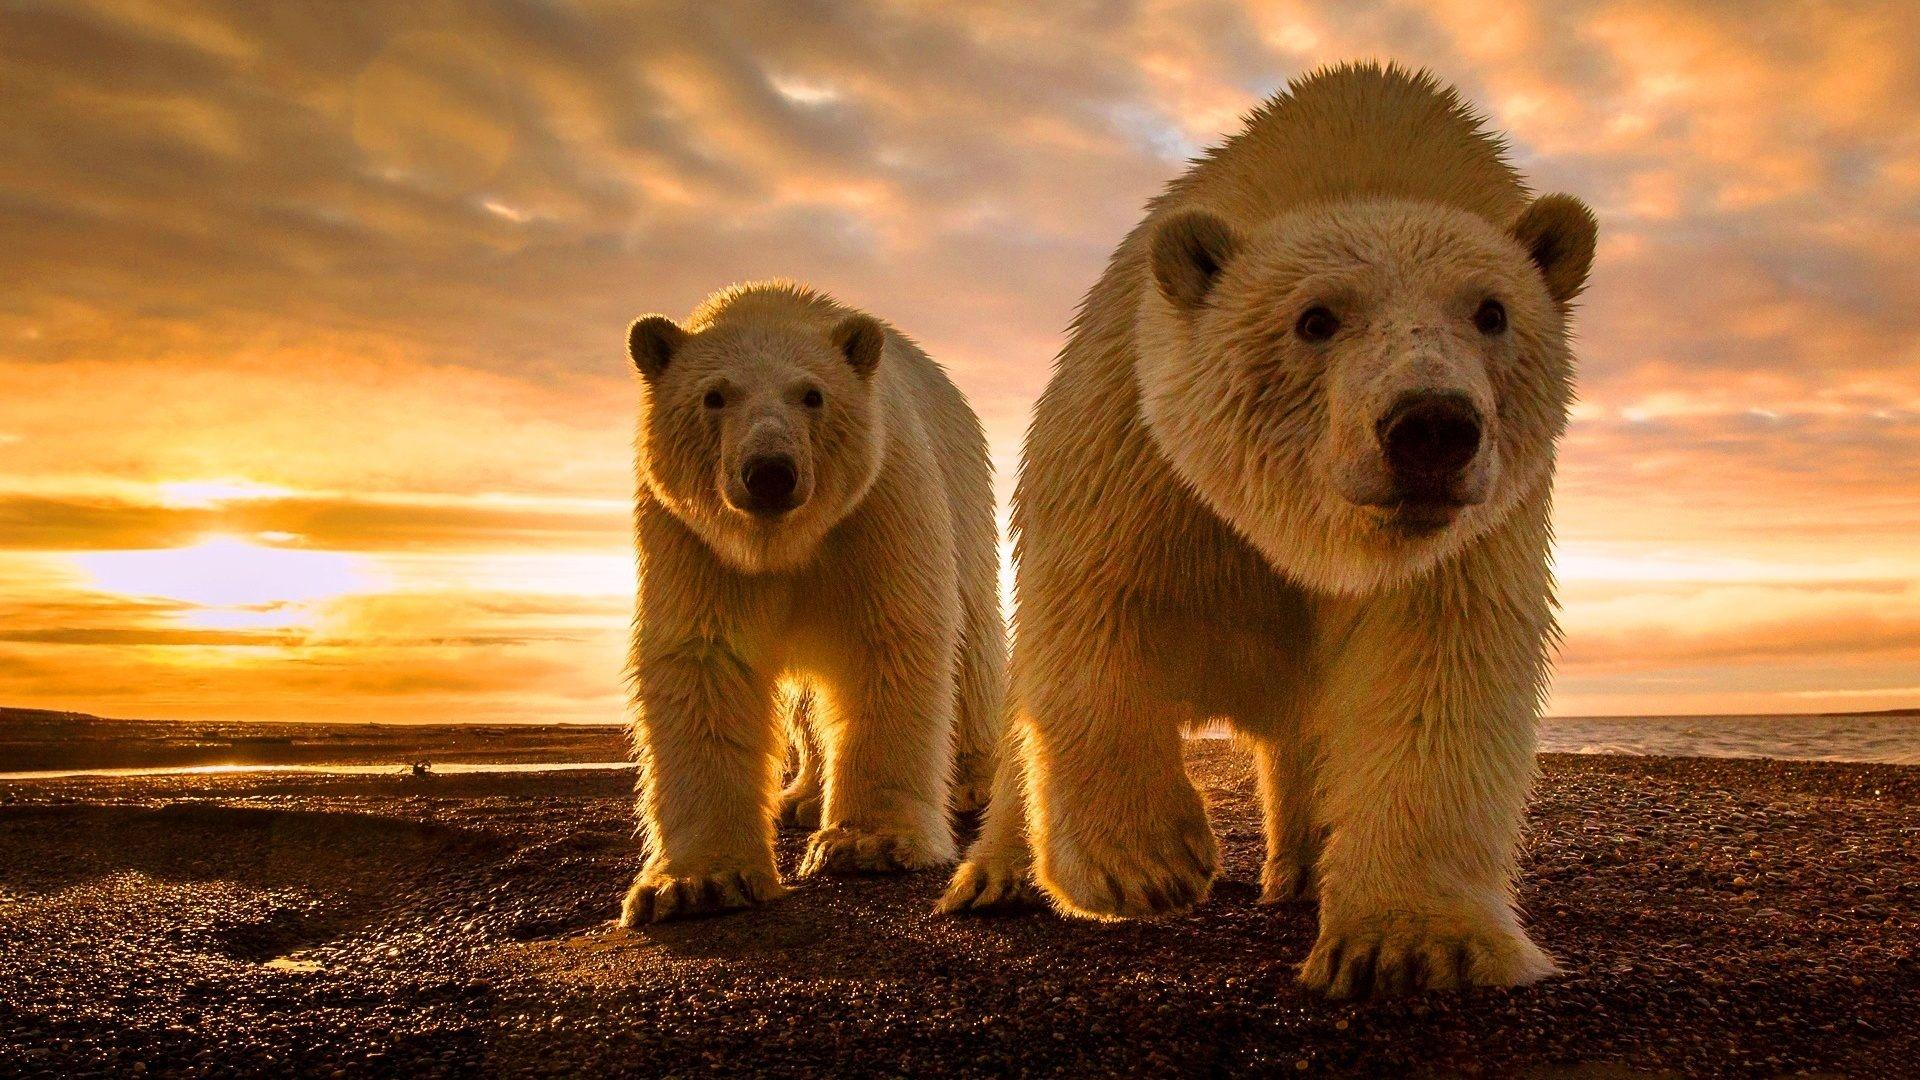 предлагаю приготовить обои на рабочий стол медвежонок трава этому